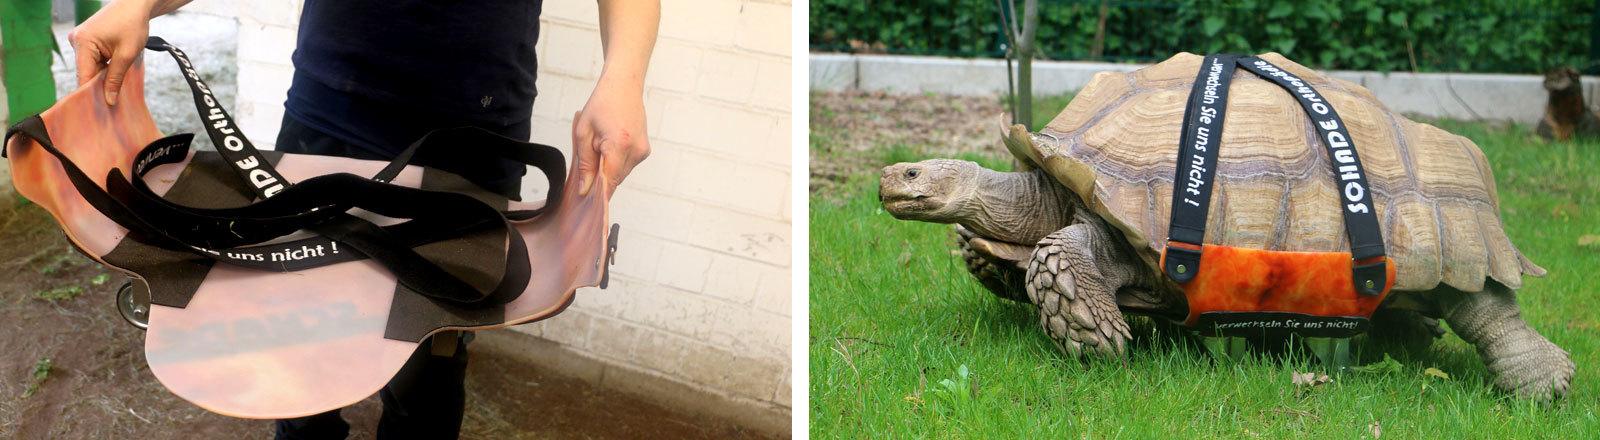 Die Spornschildkröte Helmuth im Gelsenkirchener Zoo Zoom Erlebniswelt.